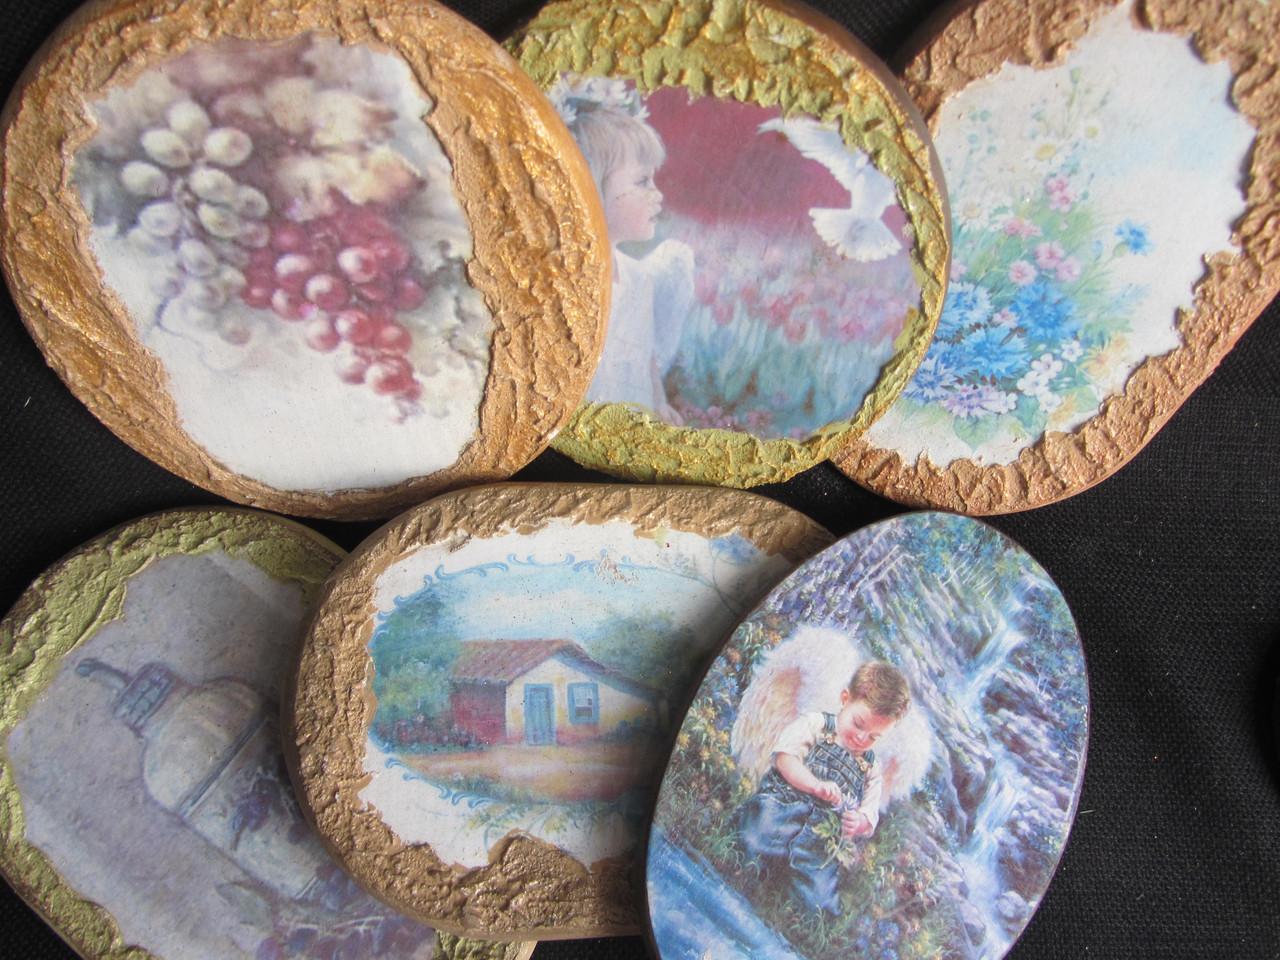 Распродажа! Картинки деревянные ручной работы (декупаж), 17,5х12,5 см,25\20 (цена за 1 шт.+5 грн)